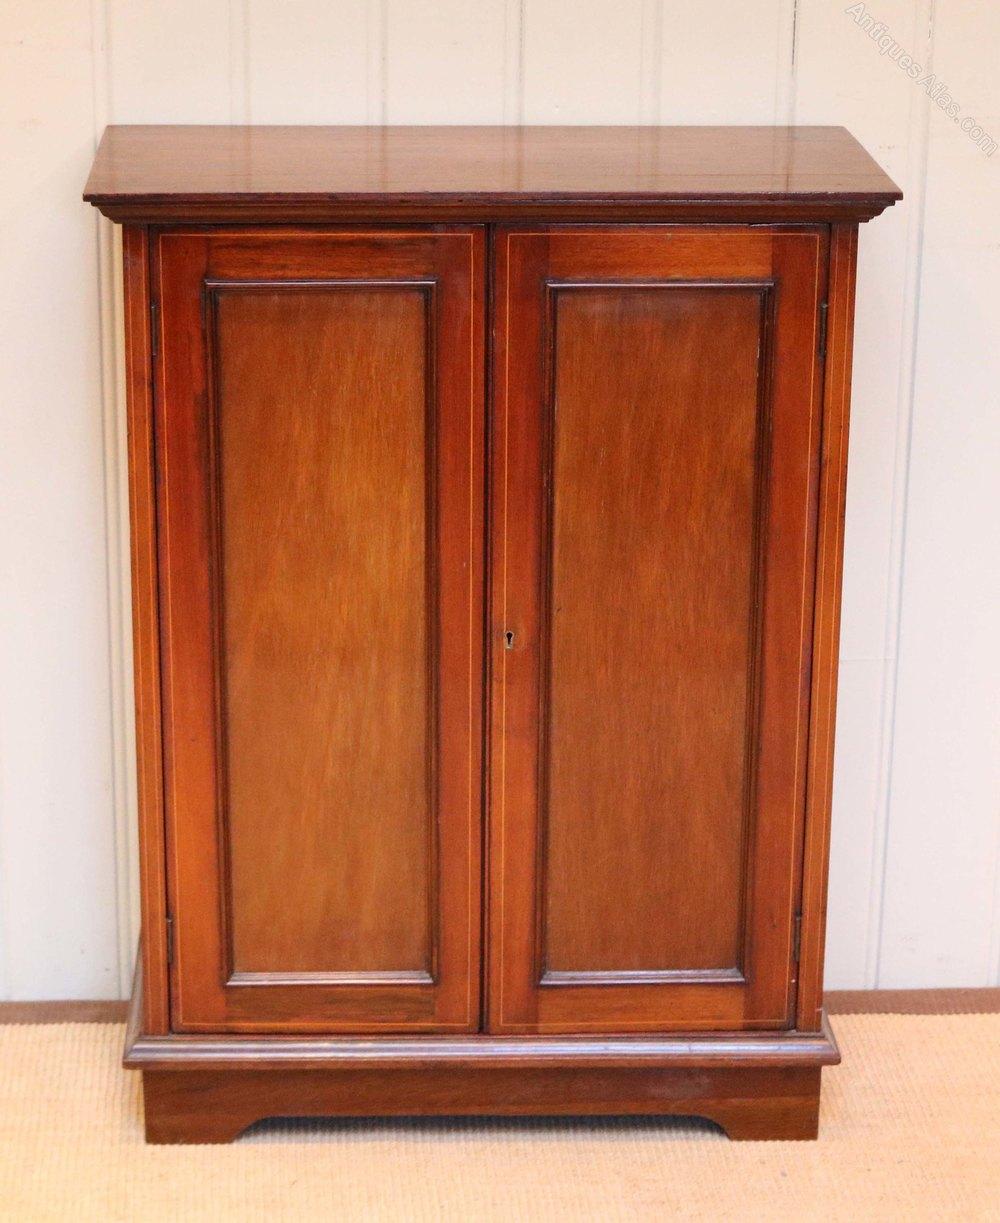 Mahogany Cabinets: Small Edwardian Mahogany Cabinet